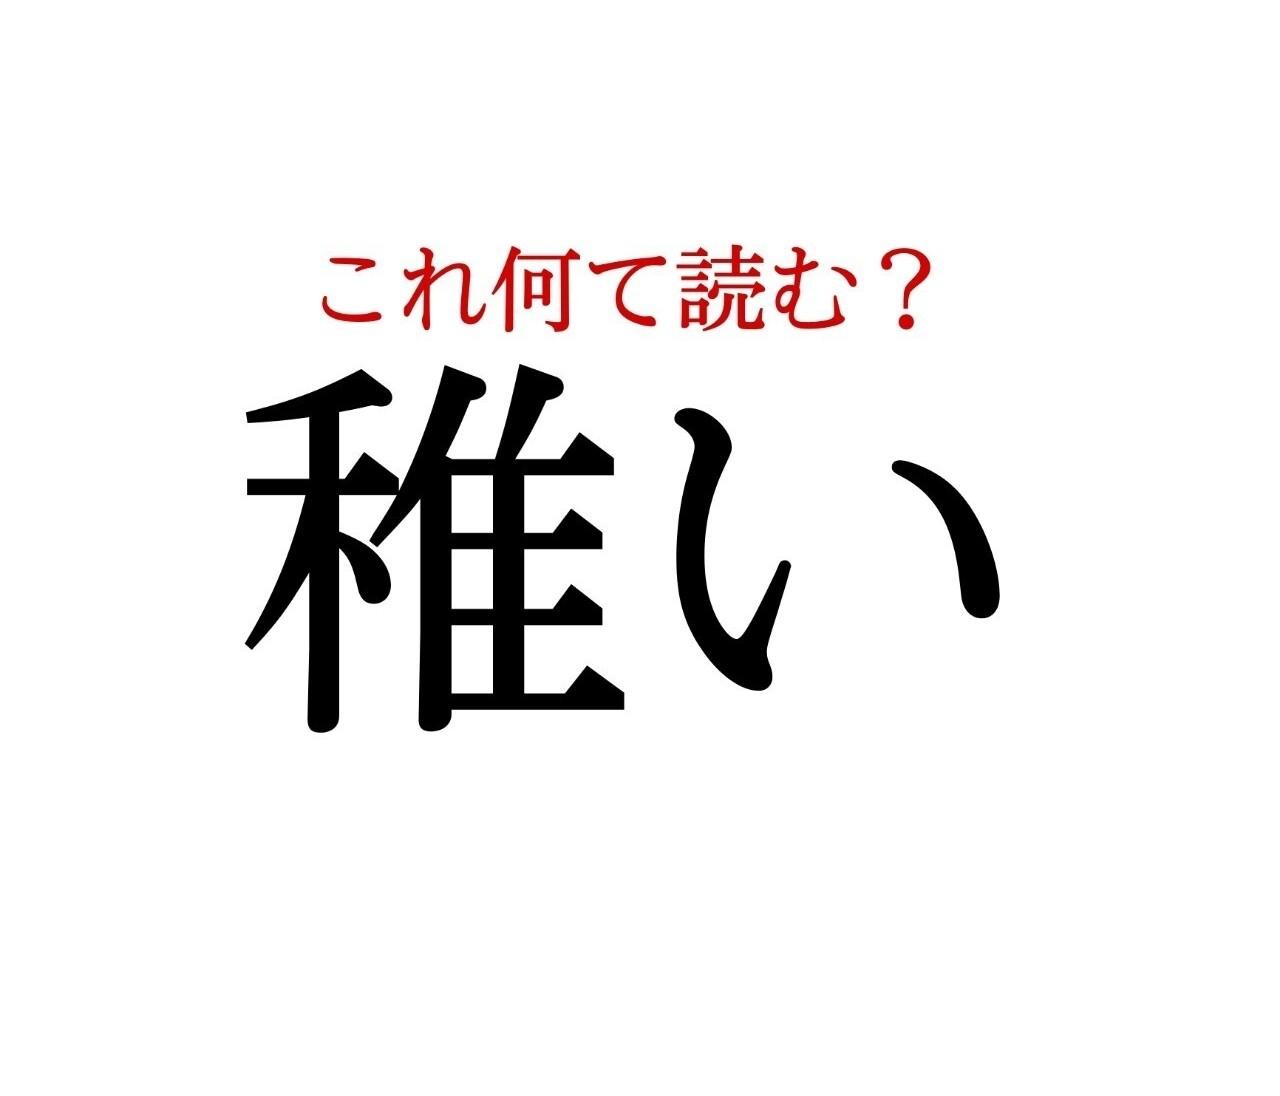 「稚い」:この漢字、自信を持って読めますか?【働く大人の漢字クイズvol.299】